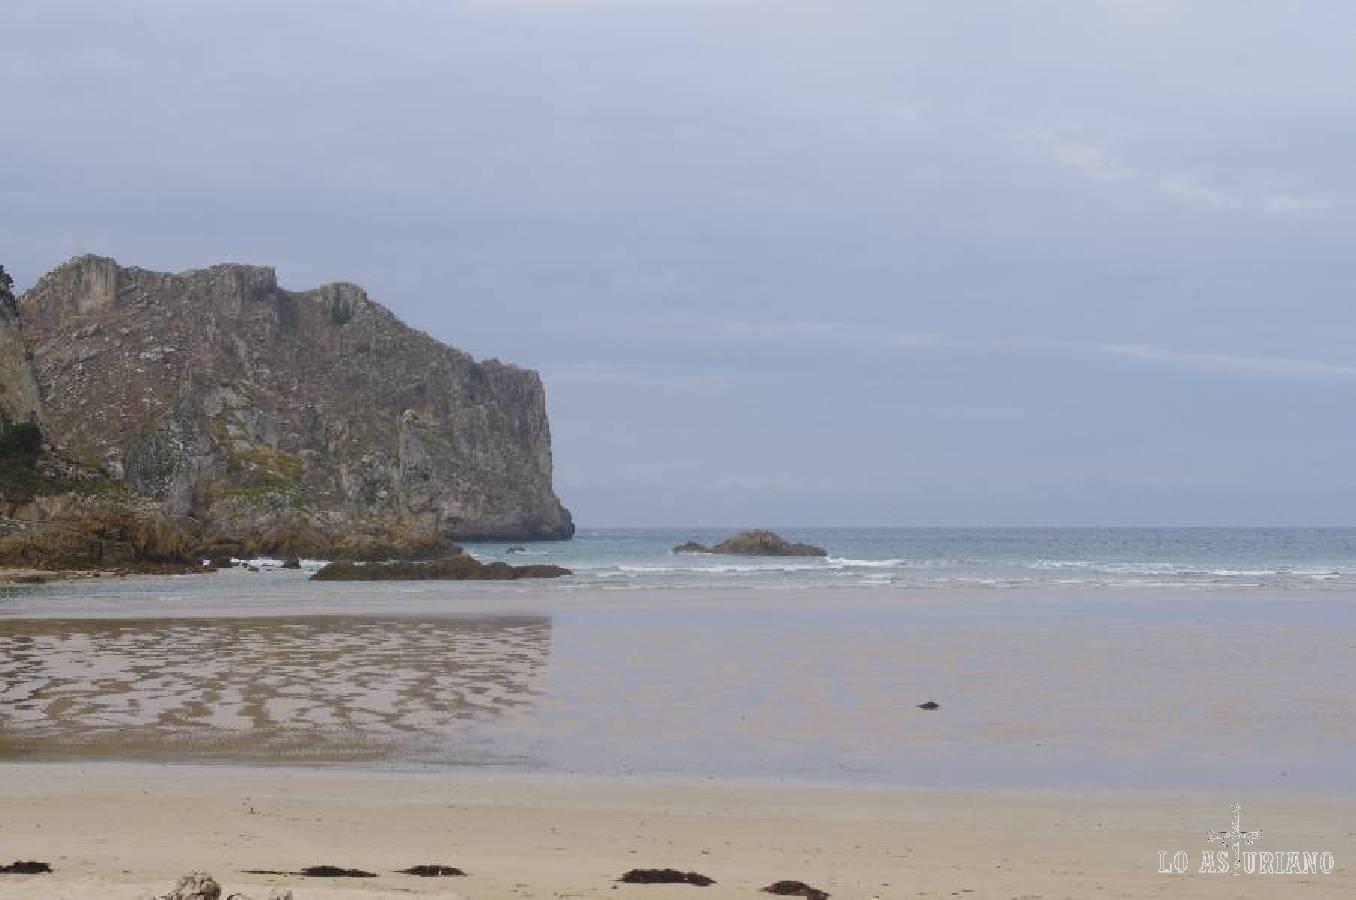 Maravillosa playa de La Franca, en Ribadedeva. Esta playa es fácilmente accesible desde el pueblito de La Franca.